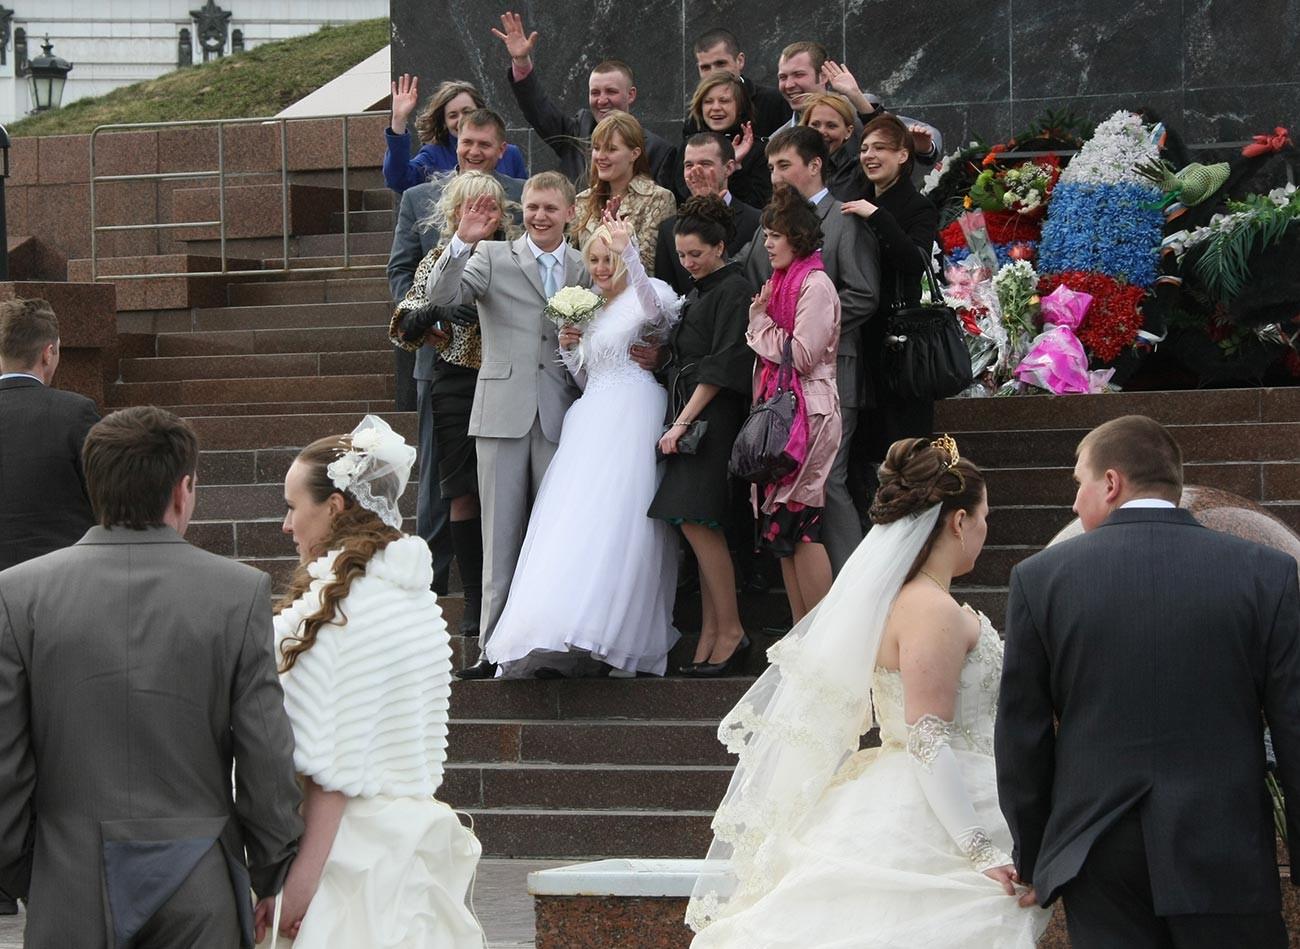 Младоженци по време на народни тържества на Поклонная гора в деня на празника на пролетта Красная Горка.